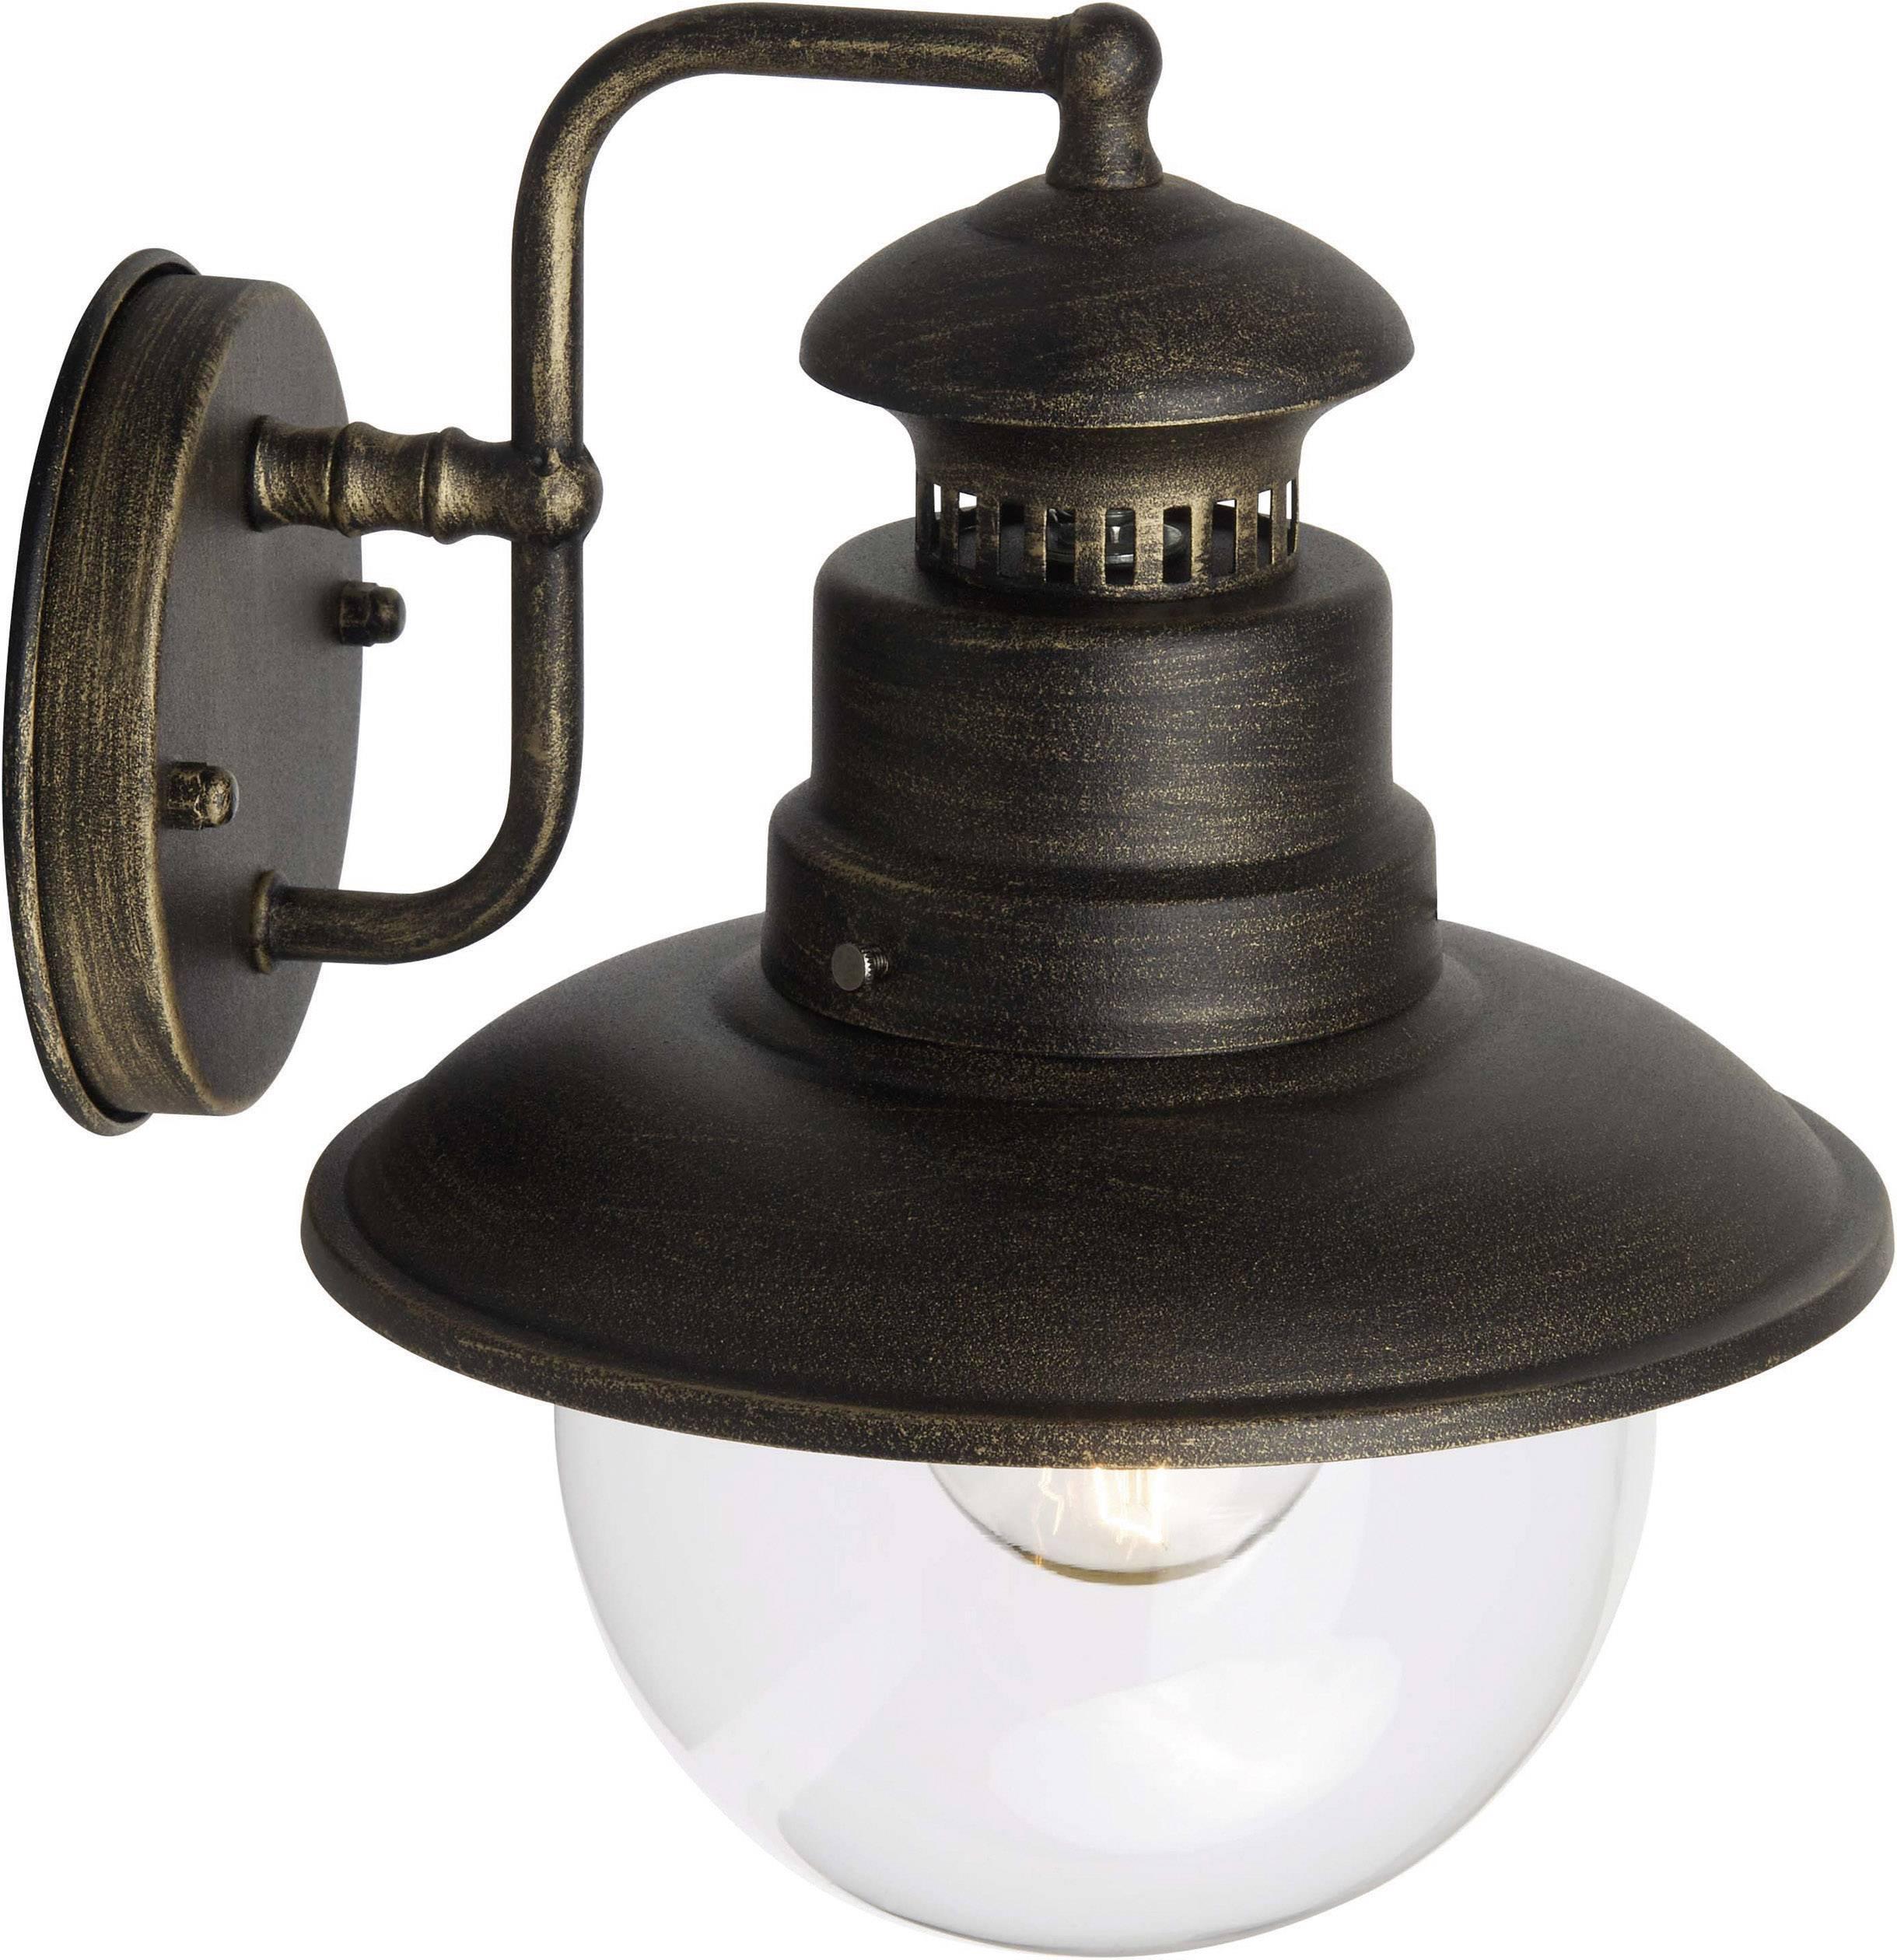 Brilliant 9612886 SchwarzGold 53 W Außenwandleuchte Artu EnergiesparlampeLED E27 qUMSzVp